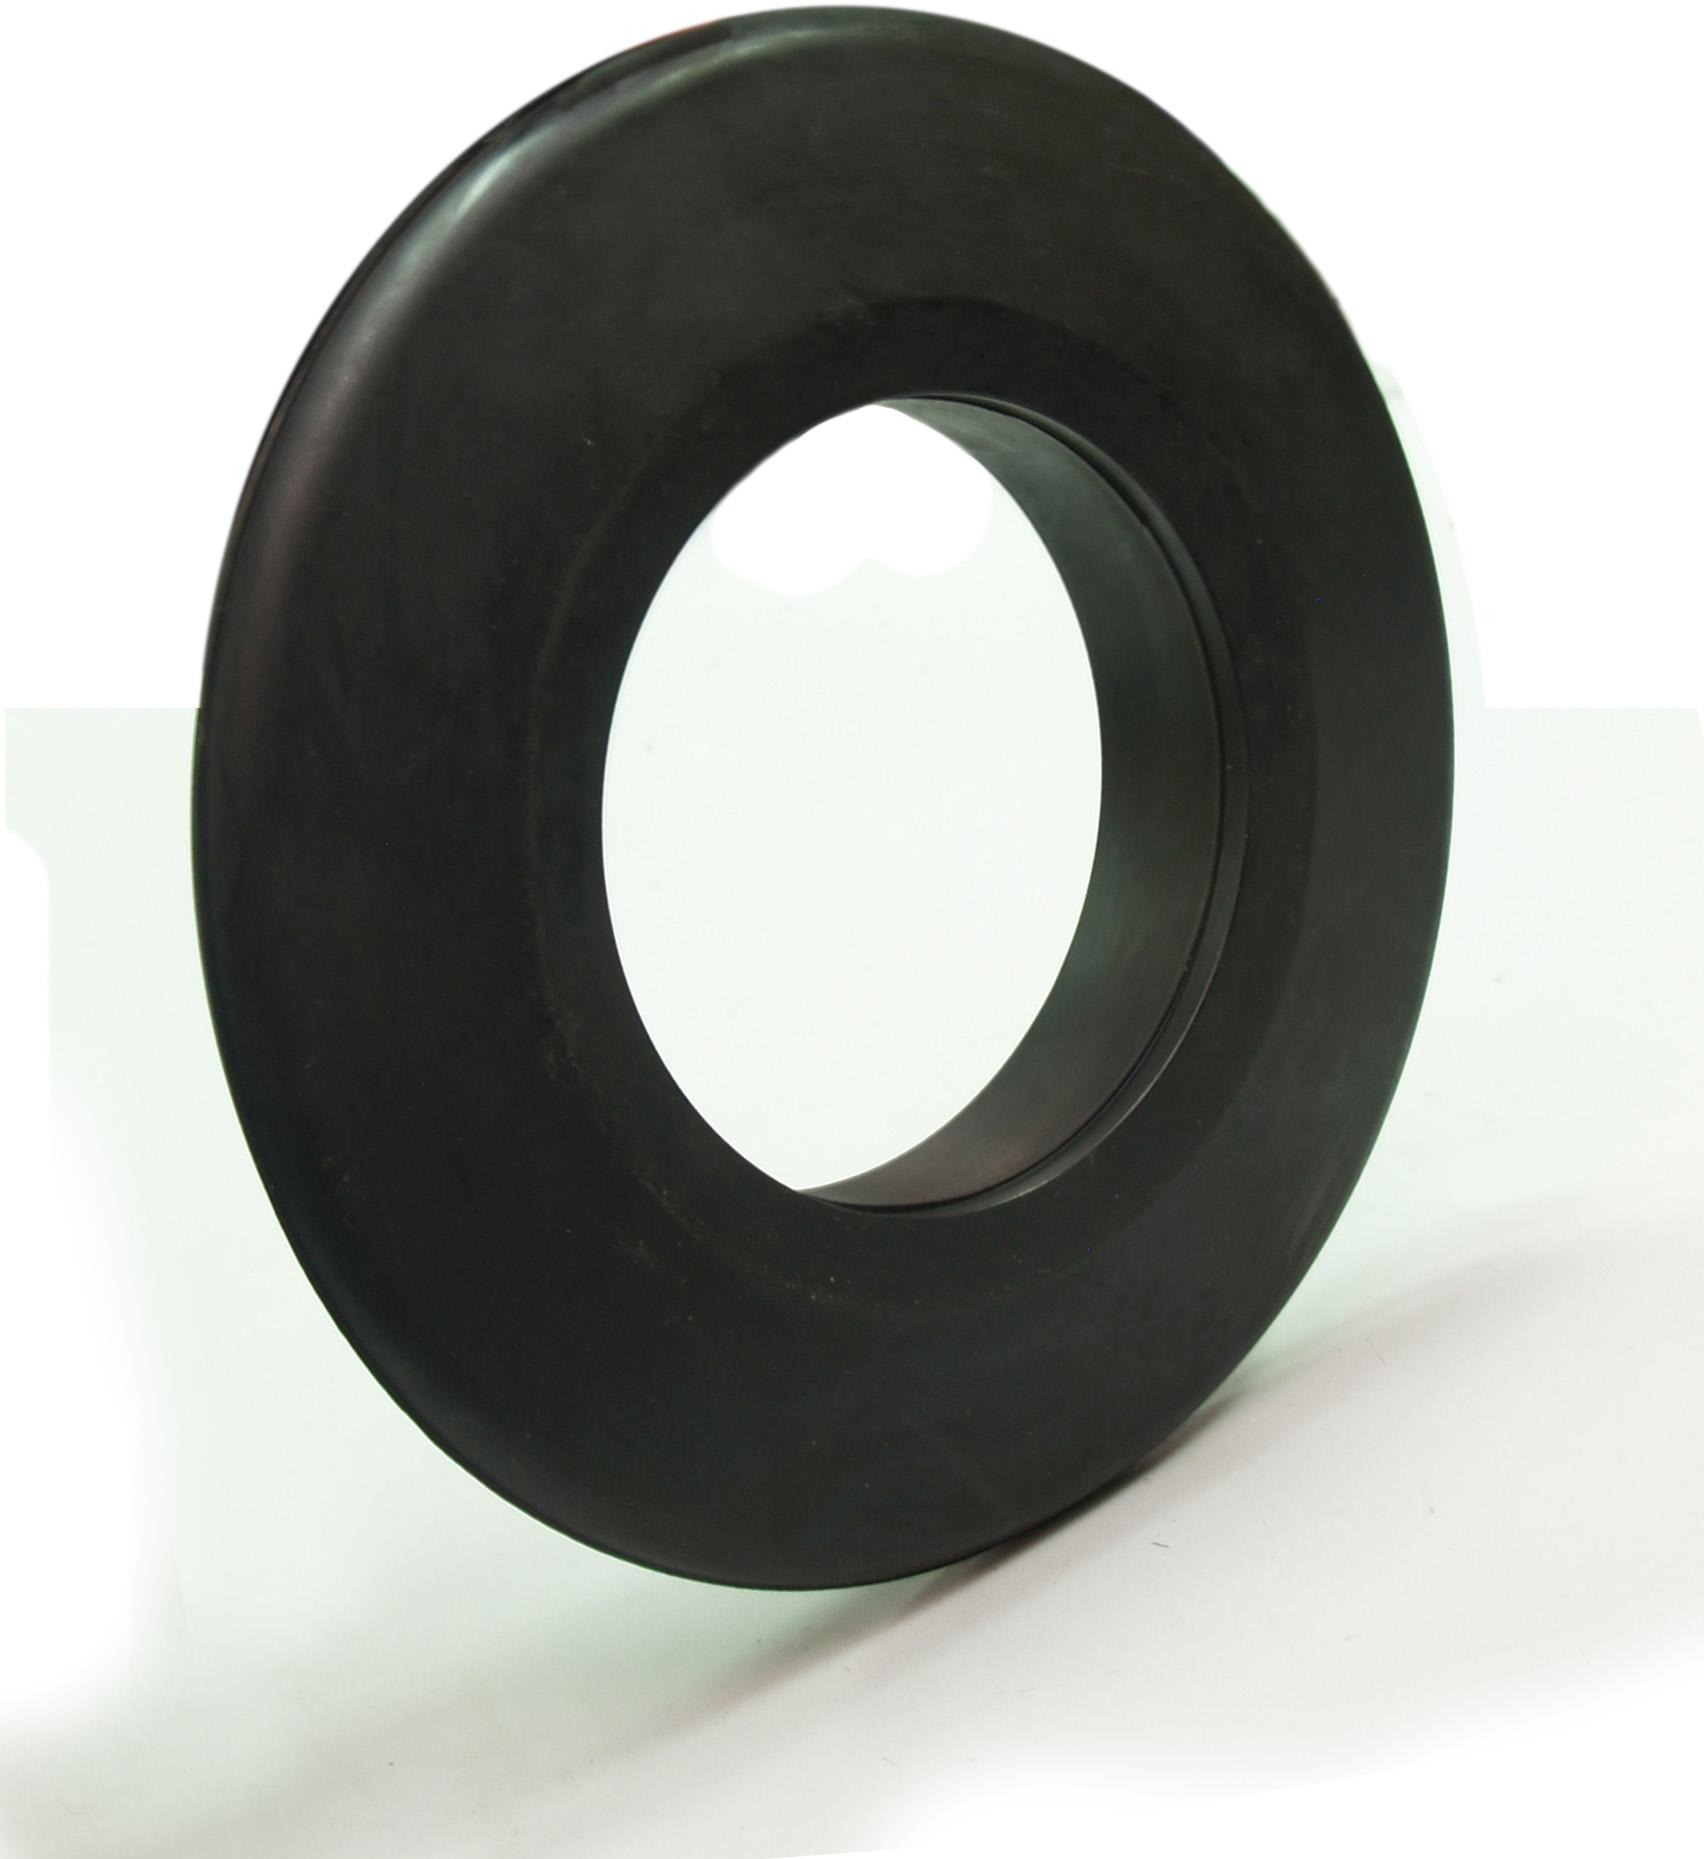 Кольцо резиновое для конвейера вал привода транспортера камаз